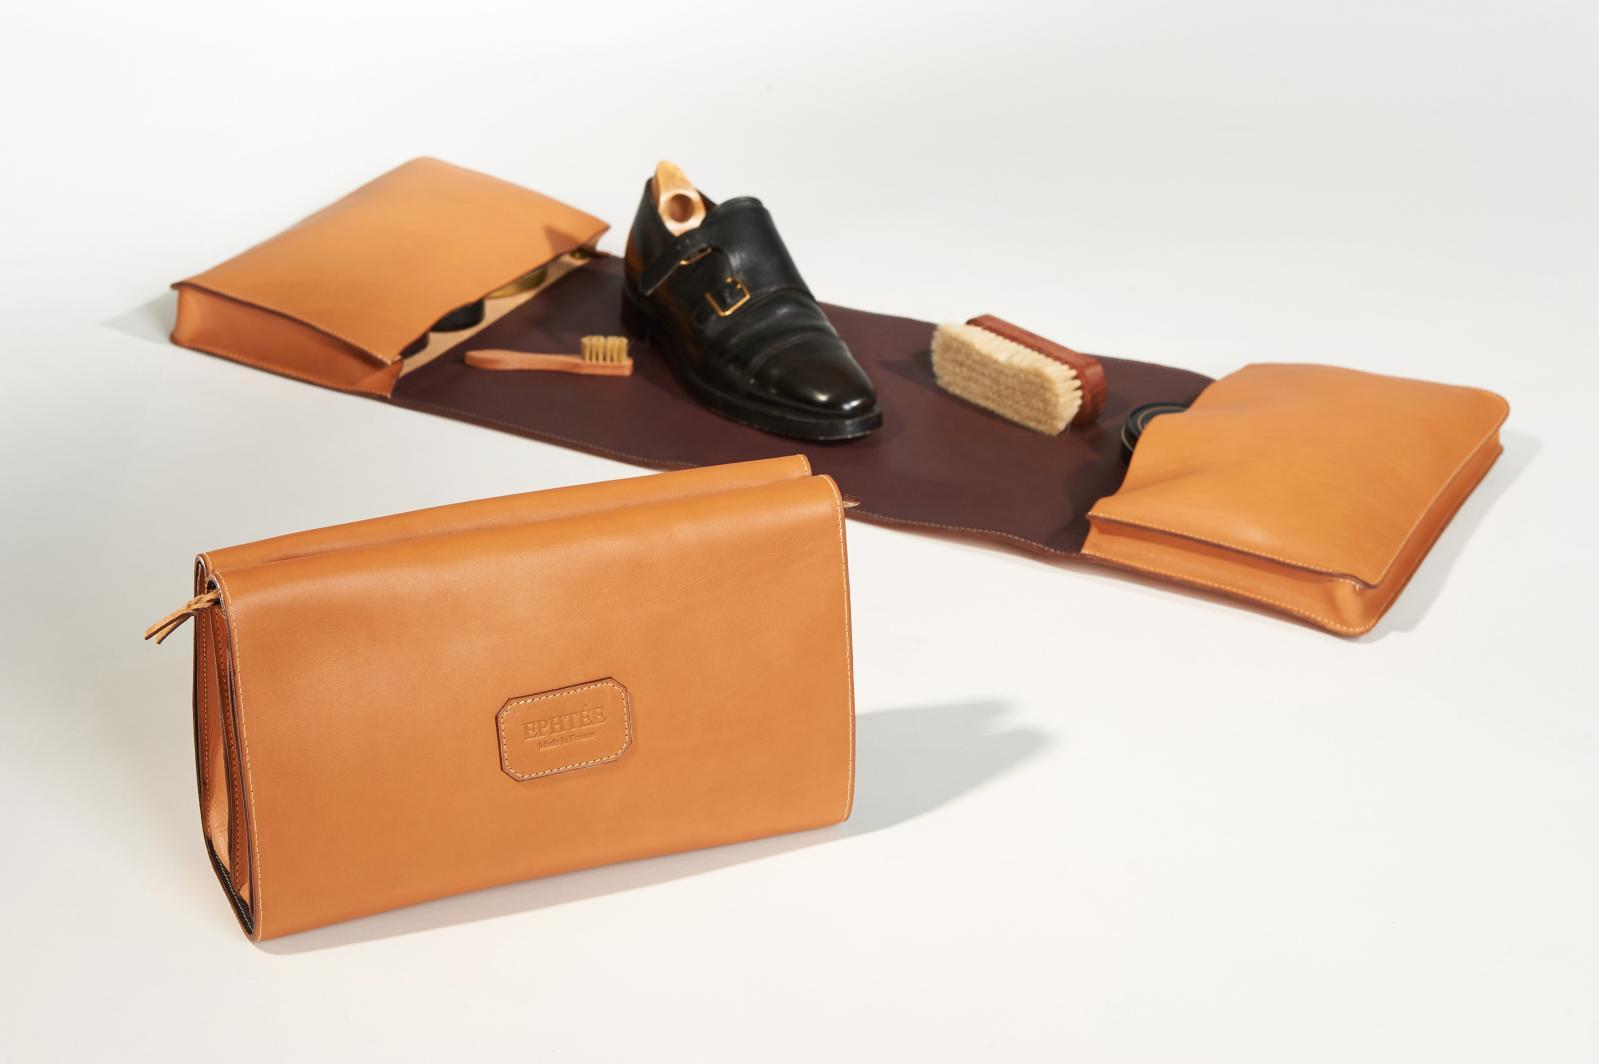 Trousse en cuir, avec tapis de travail intégré.